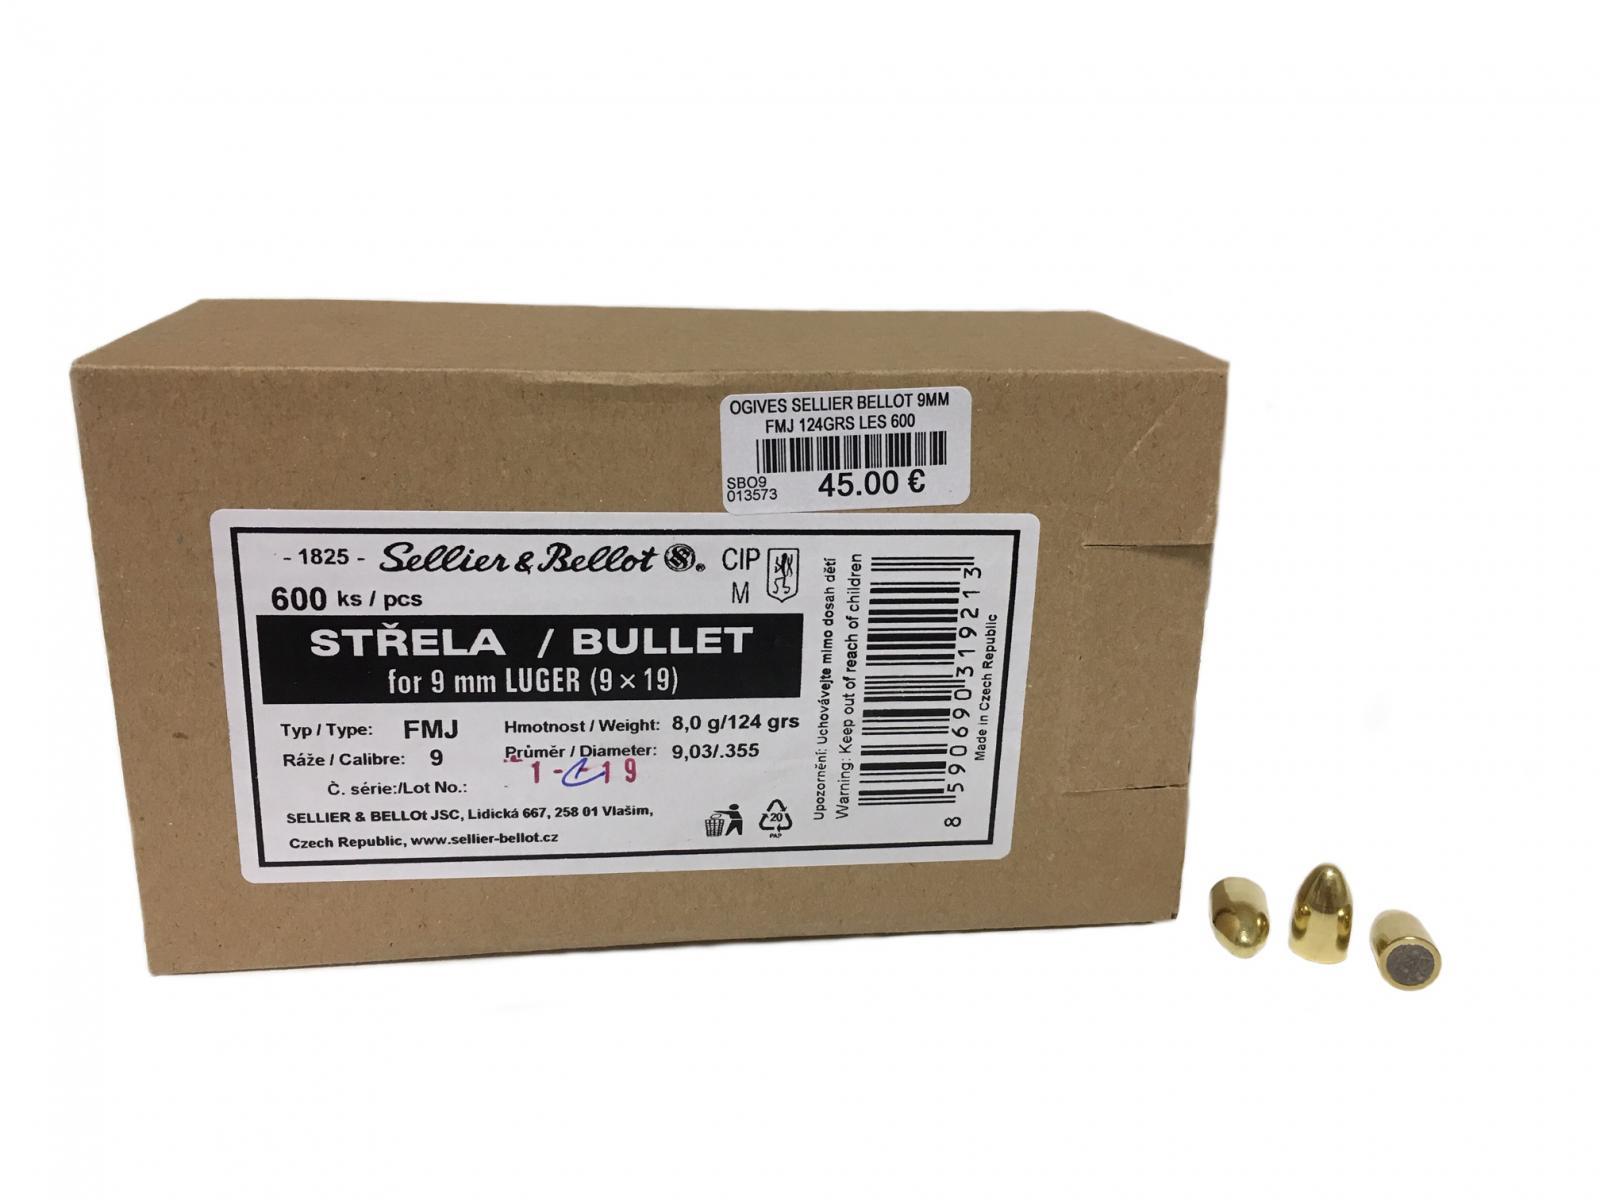 ogives 9mm luger FMJ 124 grs  SBO9